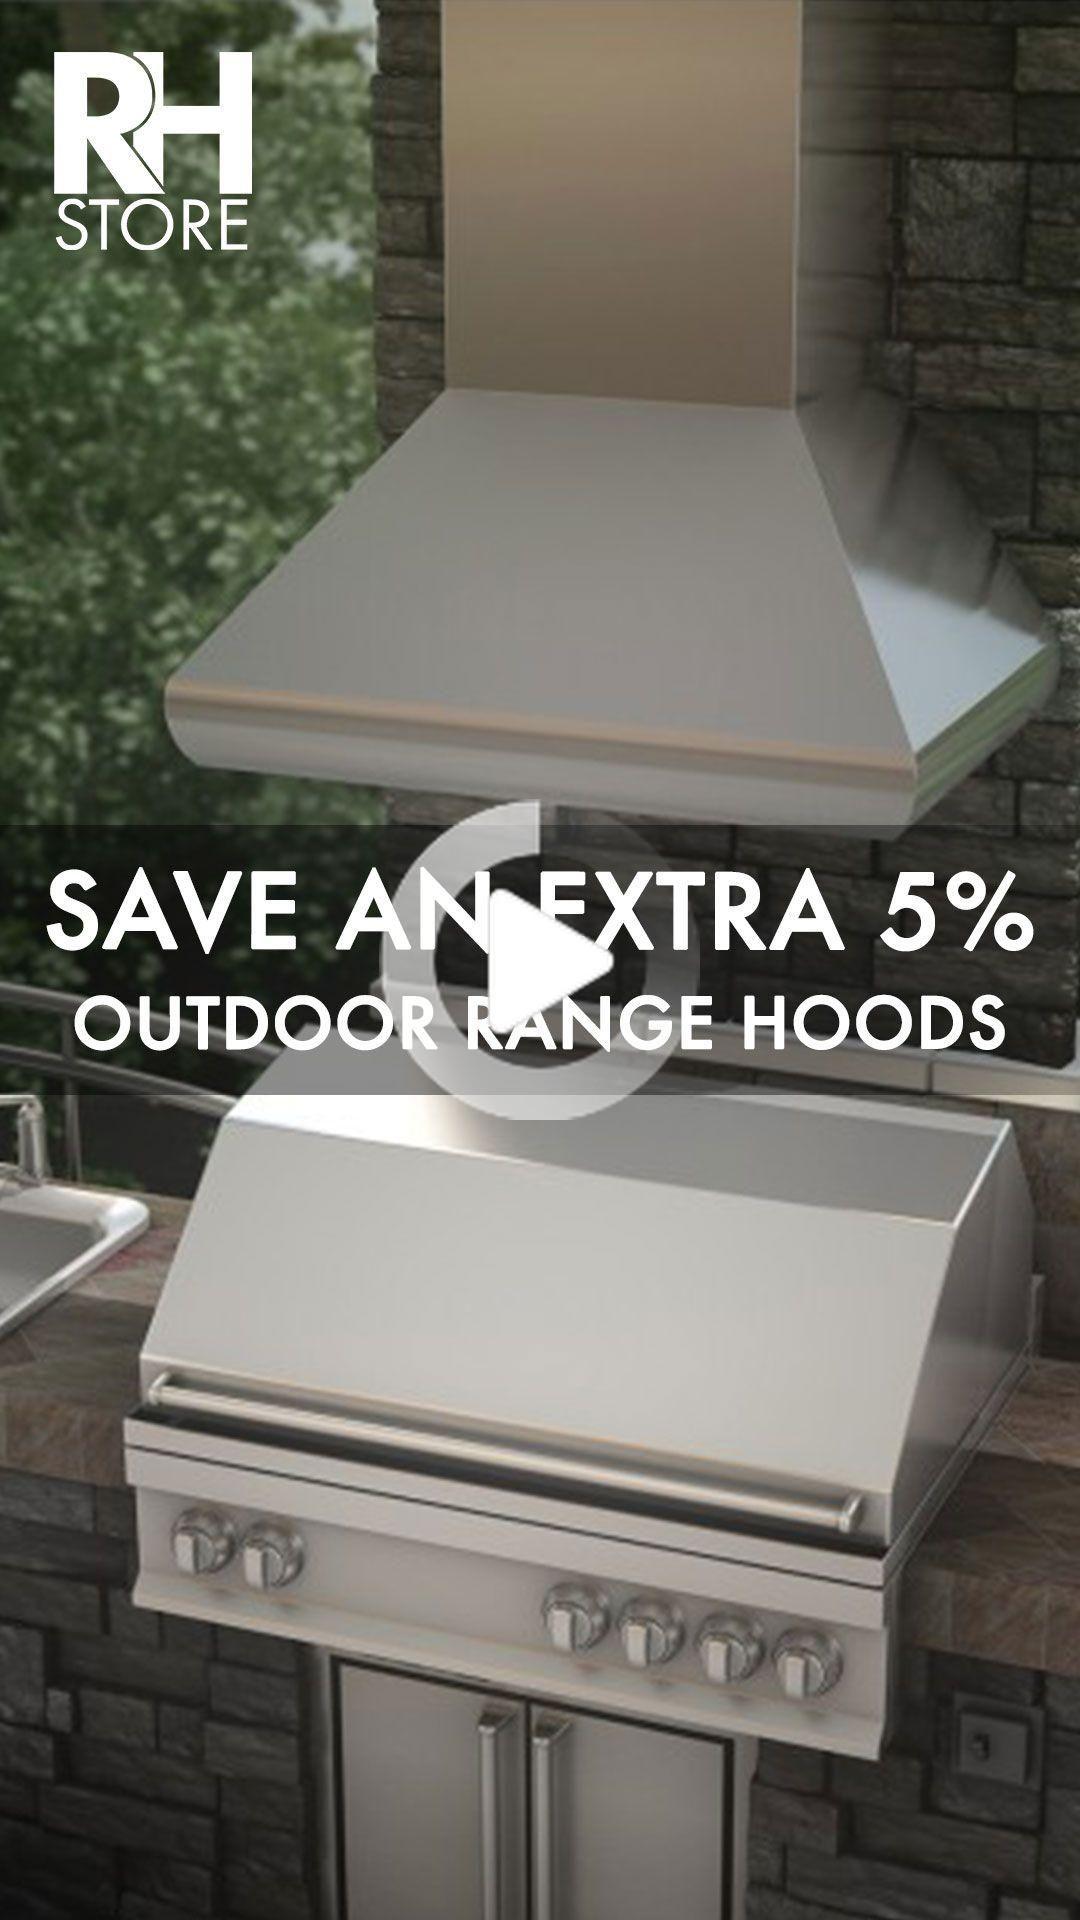 5 De Reduction Exterieure Hottes Outdoor Range Hood Outdoor Range Range Hoods